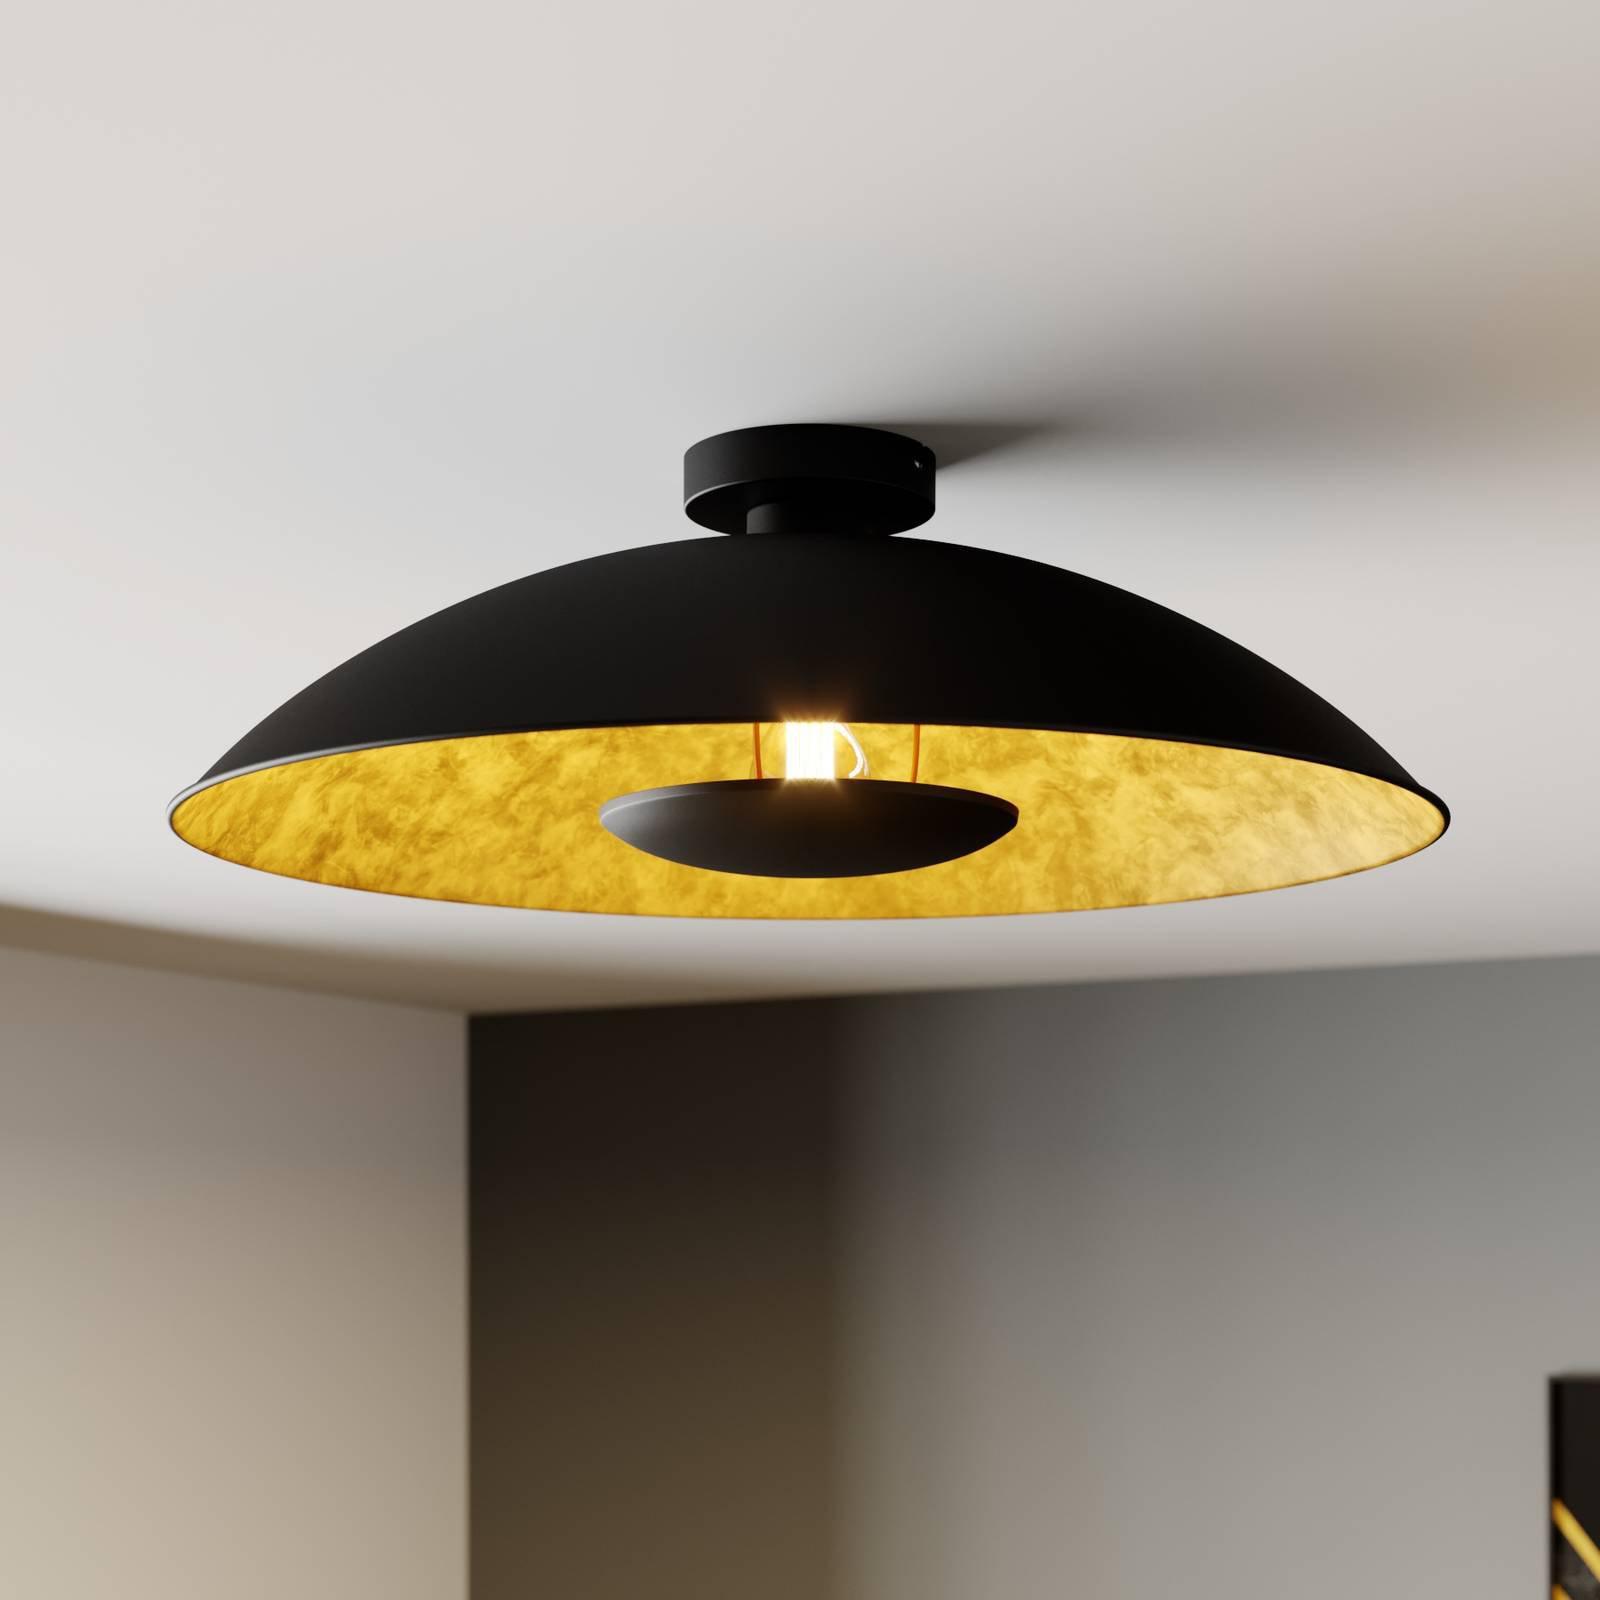 Svart-gylden taklampe Emilienne